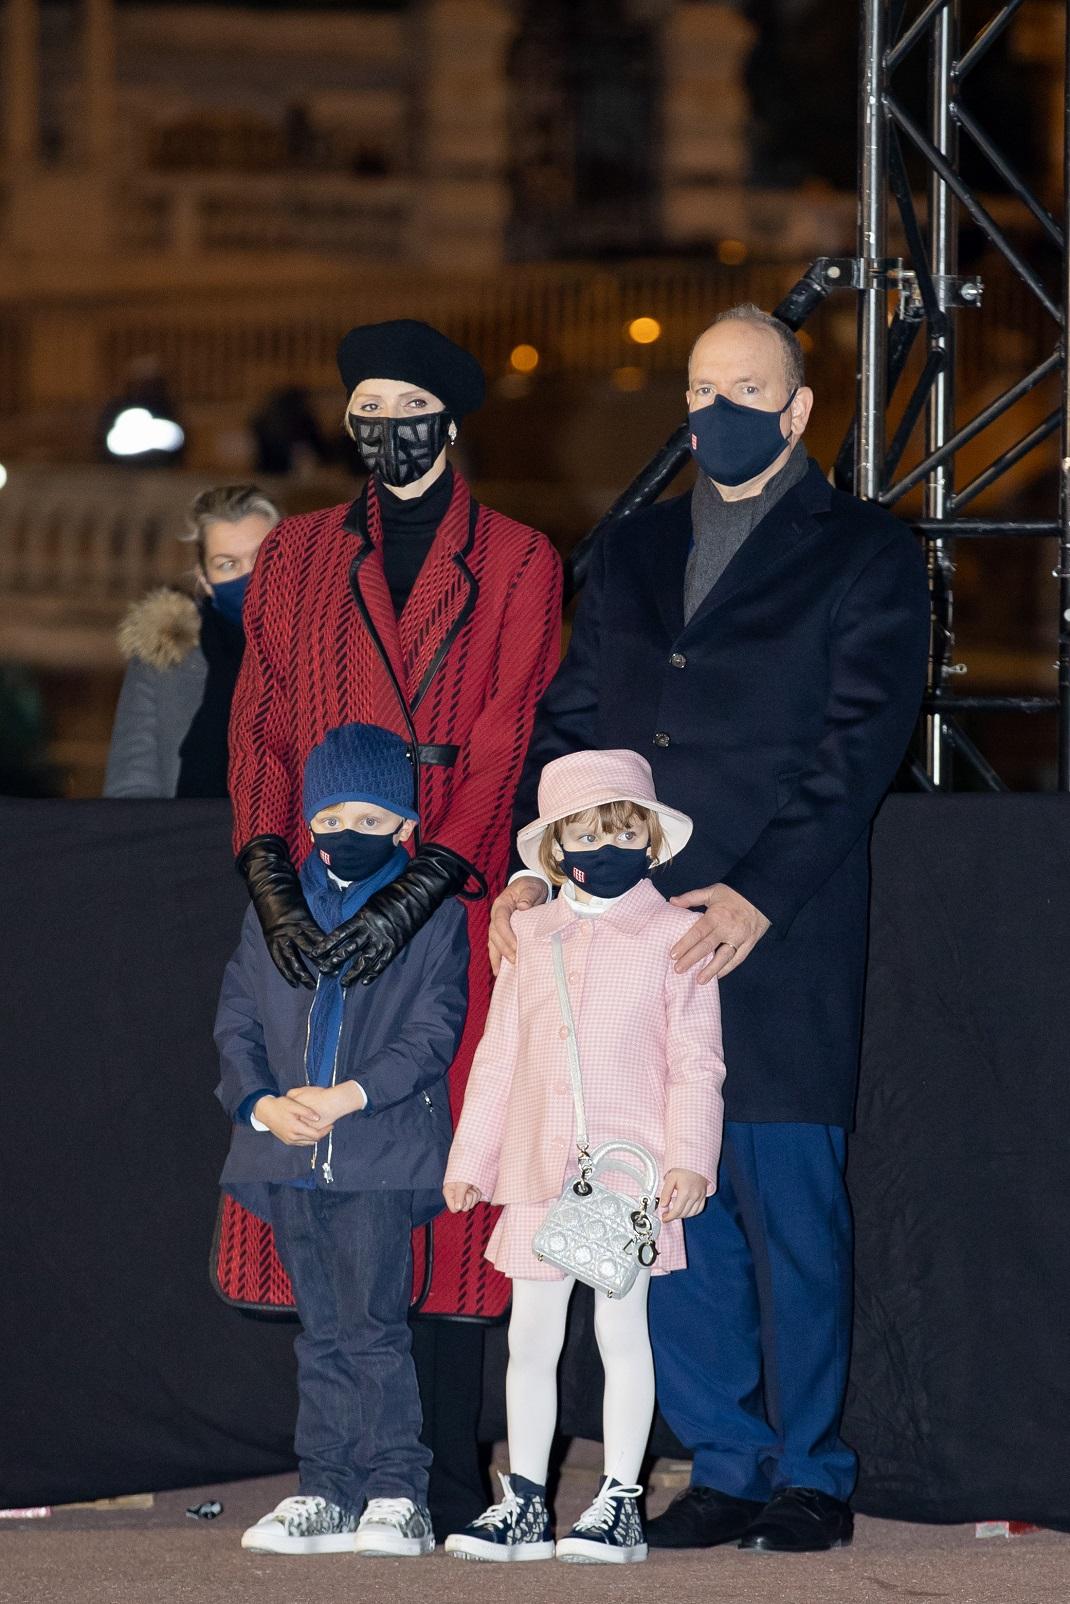 η πριγκίπισσα Σαρλίν του Μονακό με κόκκινο παλτό